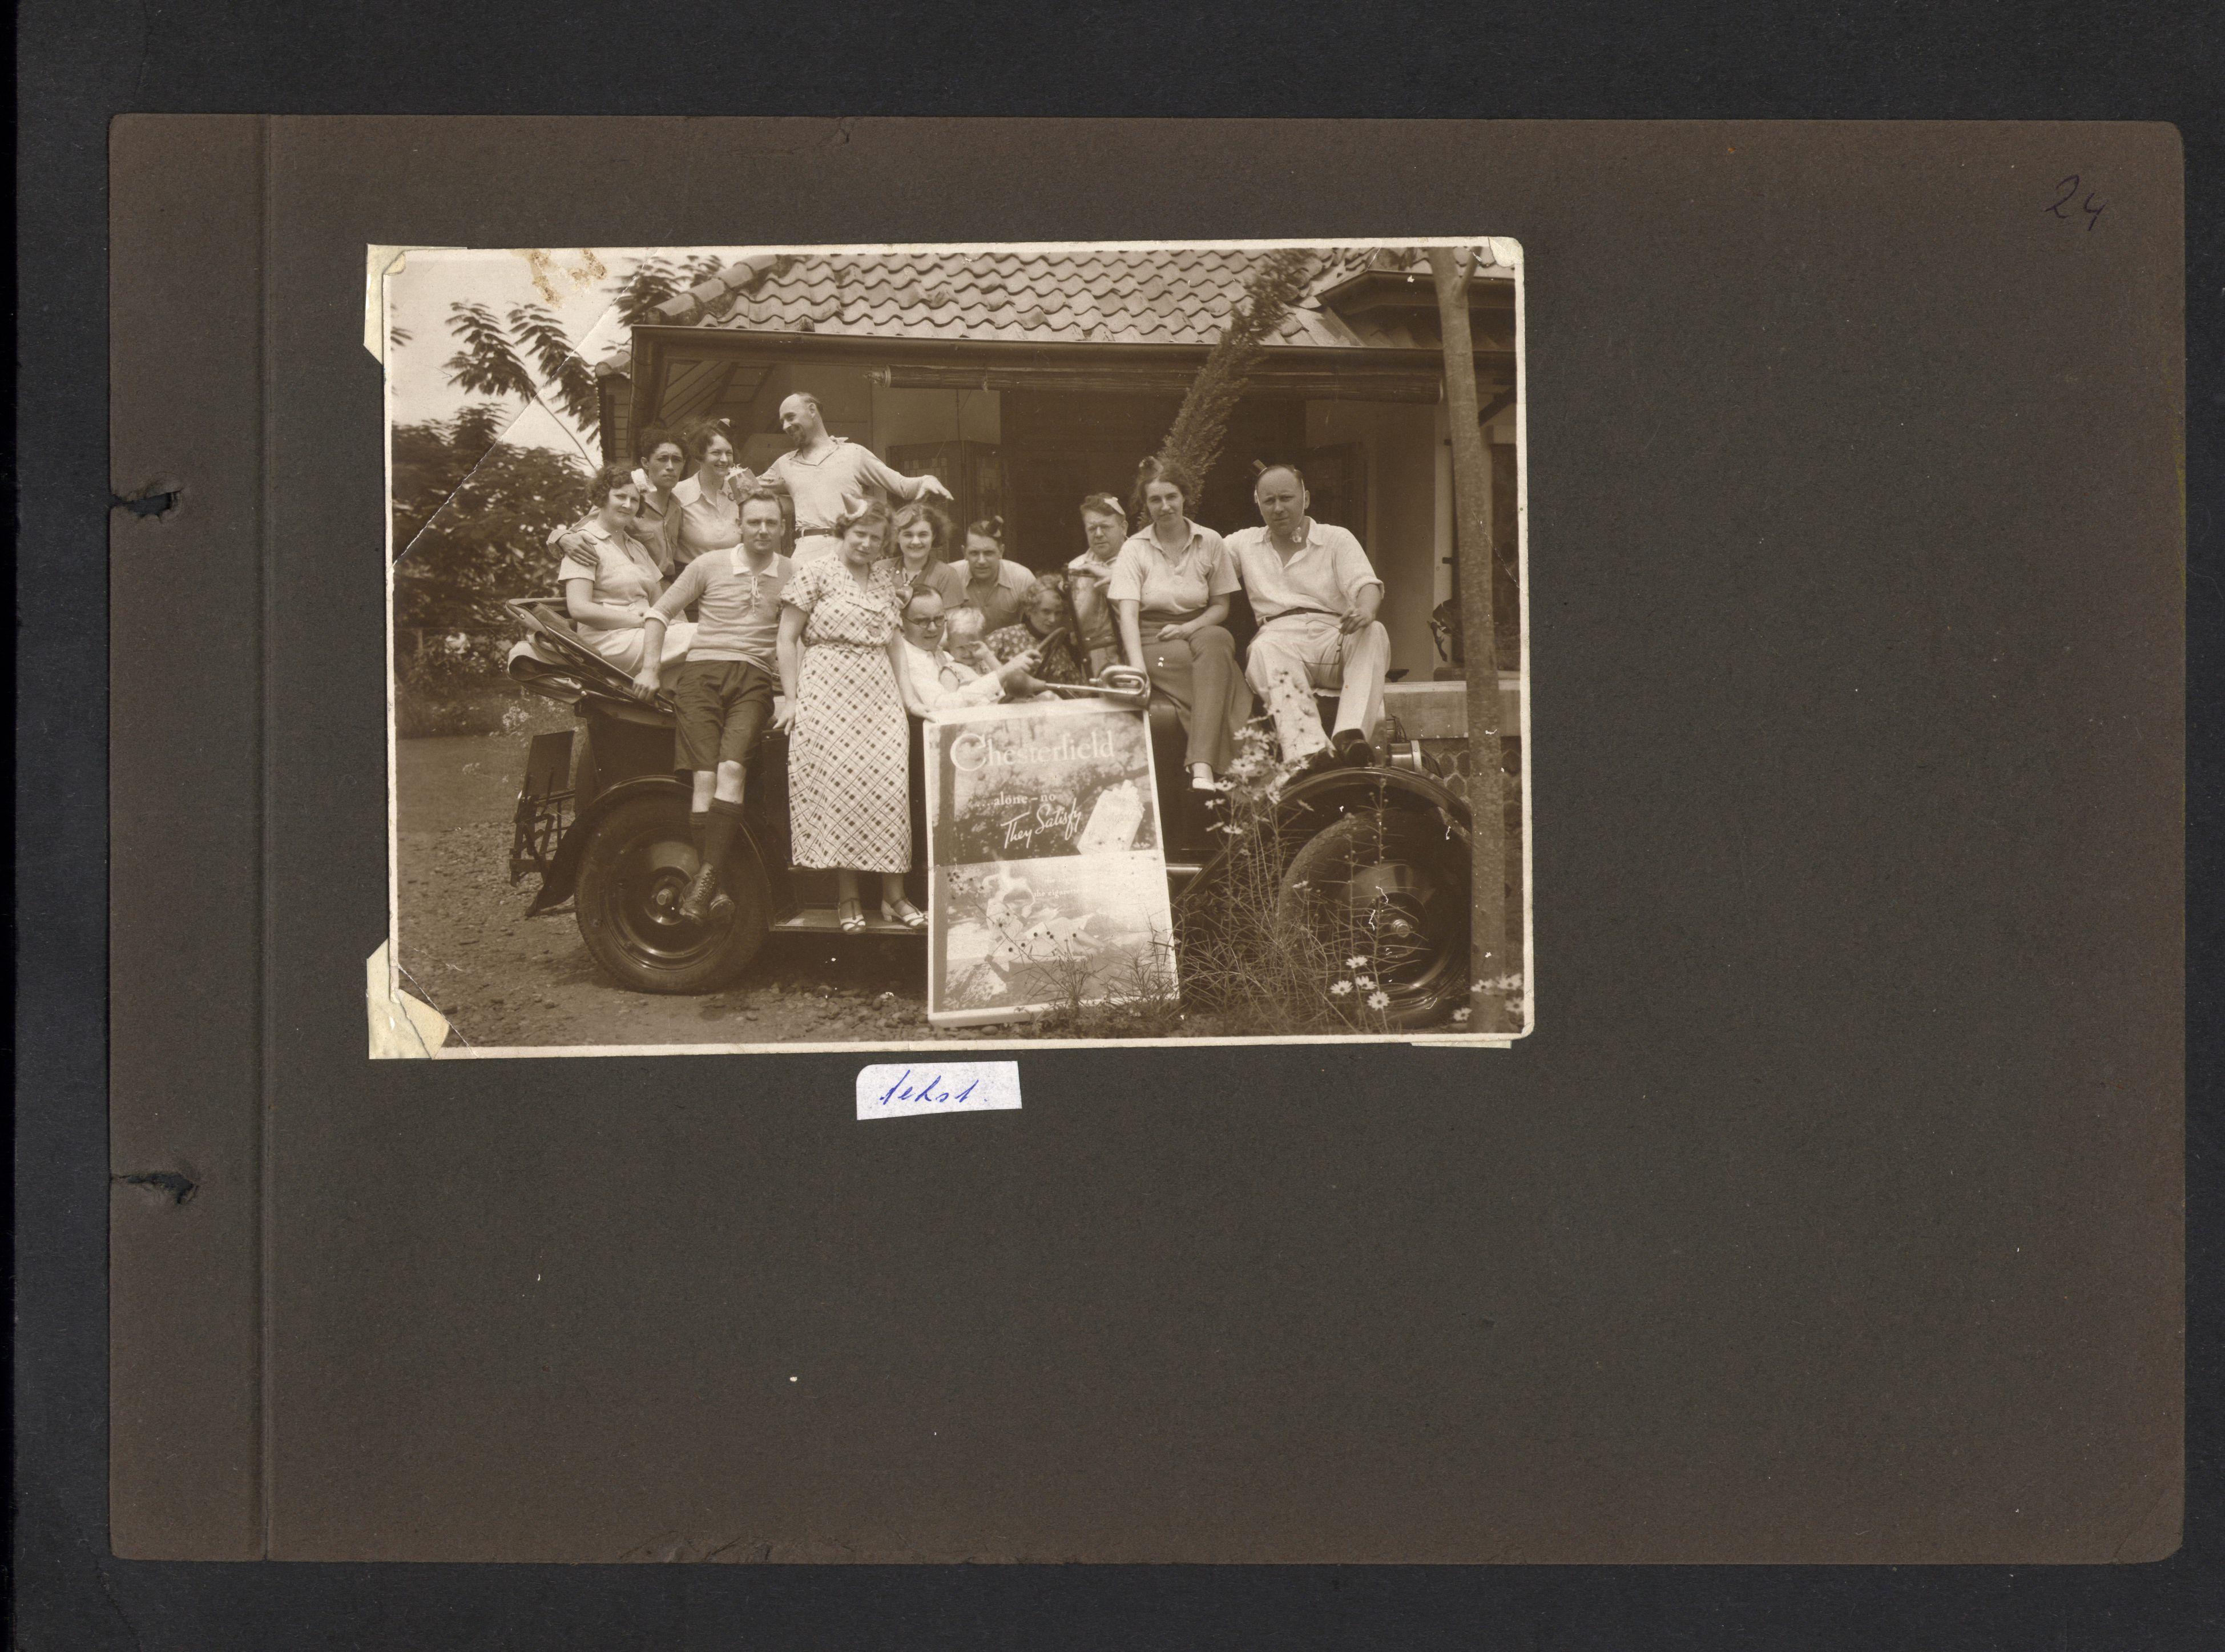 De eerste foto die ons naar Nederlands-Indië voert. Wie zijn dit? Verjaardagsfeest, Chesterfield?